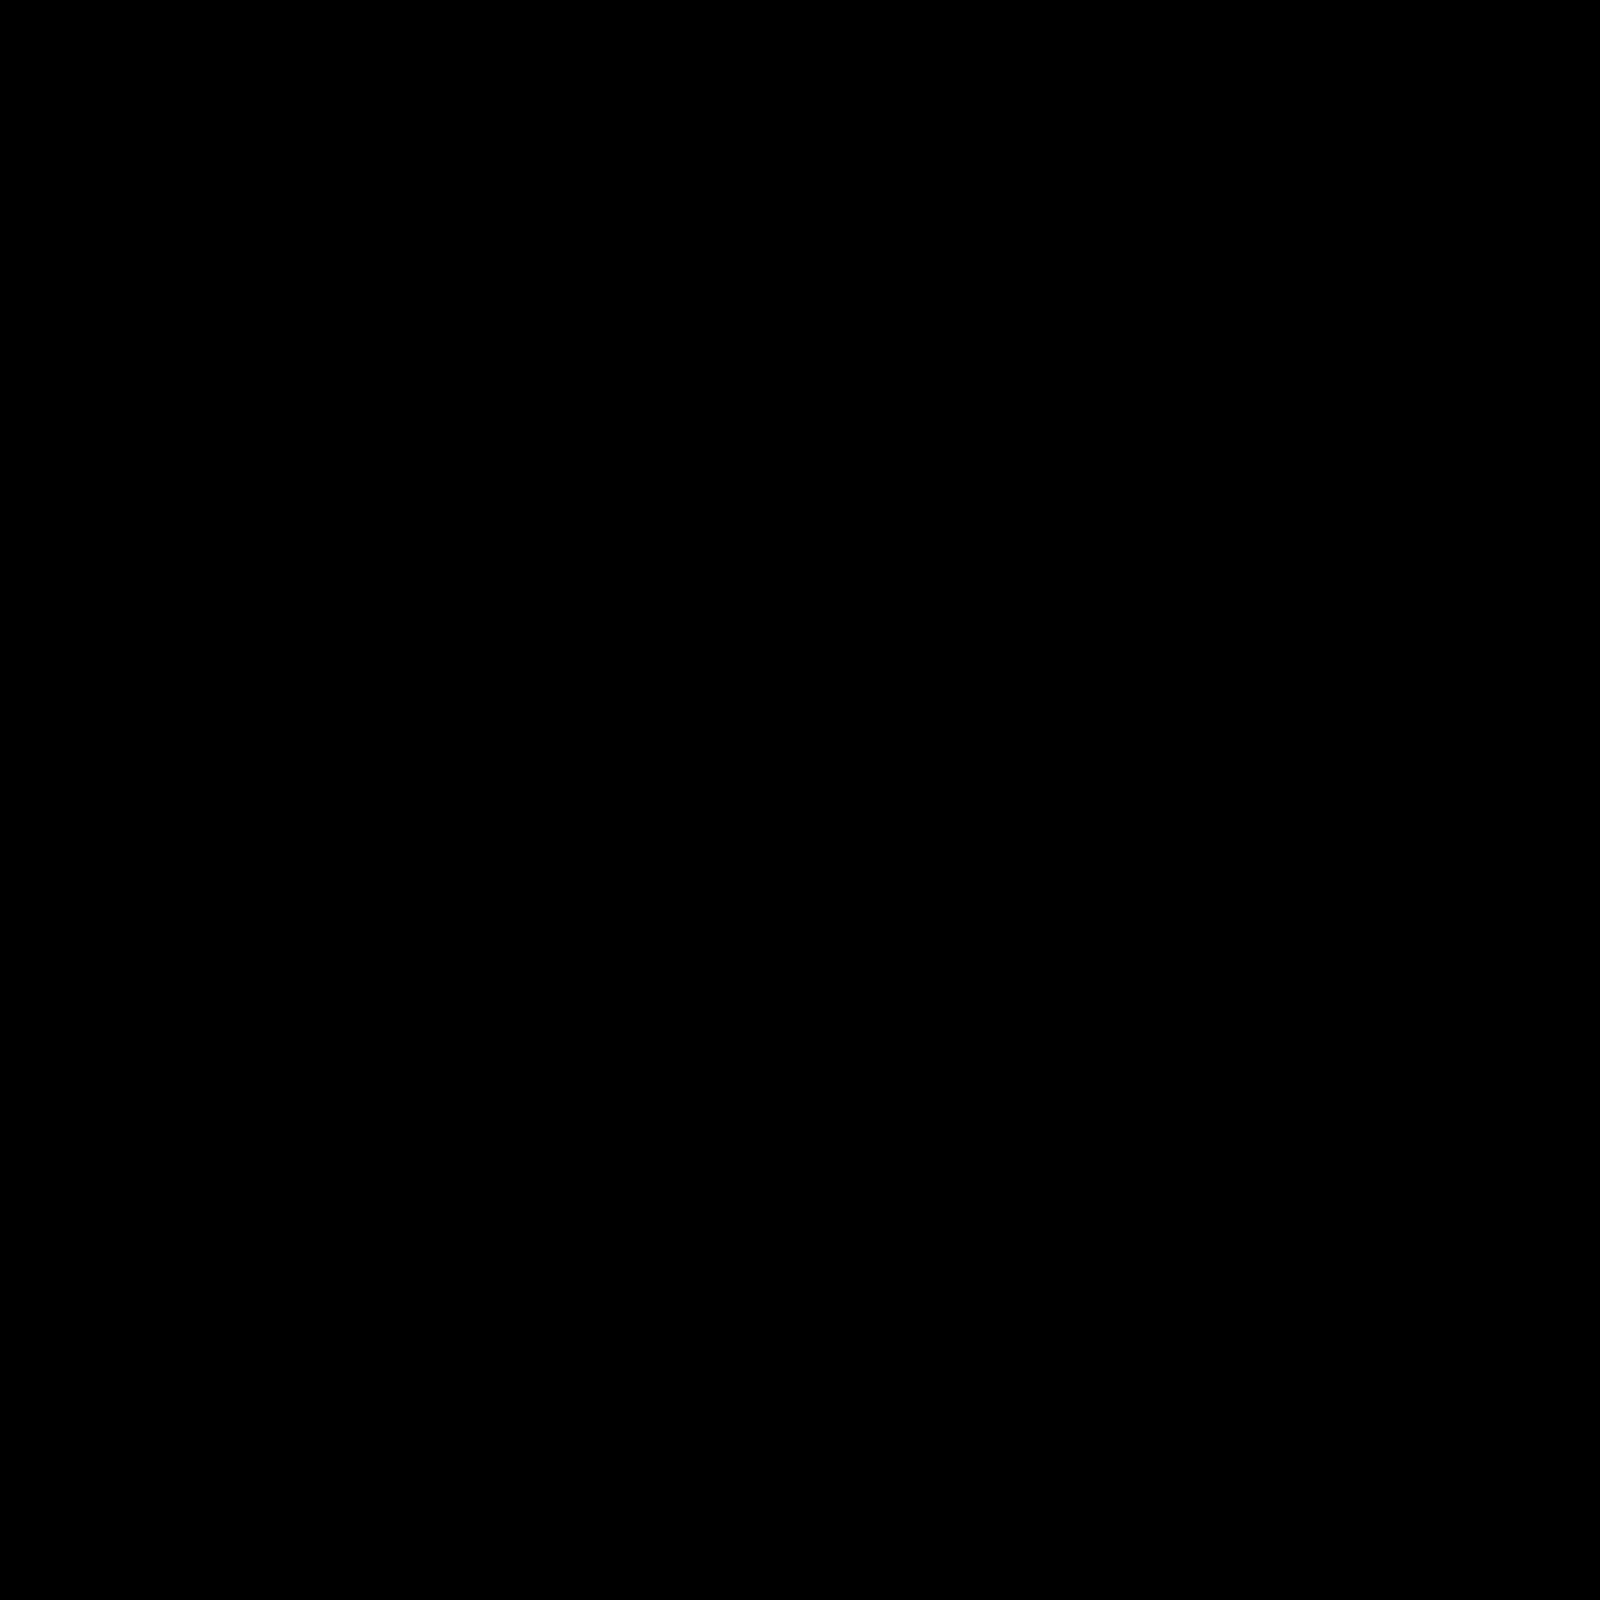 Joomla PNG Transparent Image SVG Clip arts